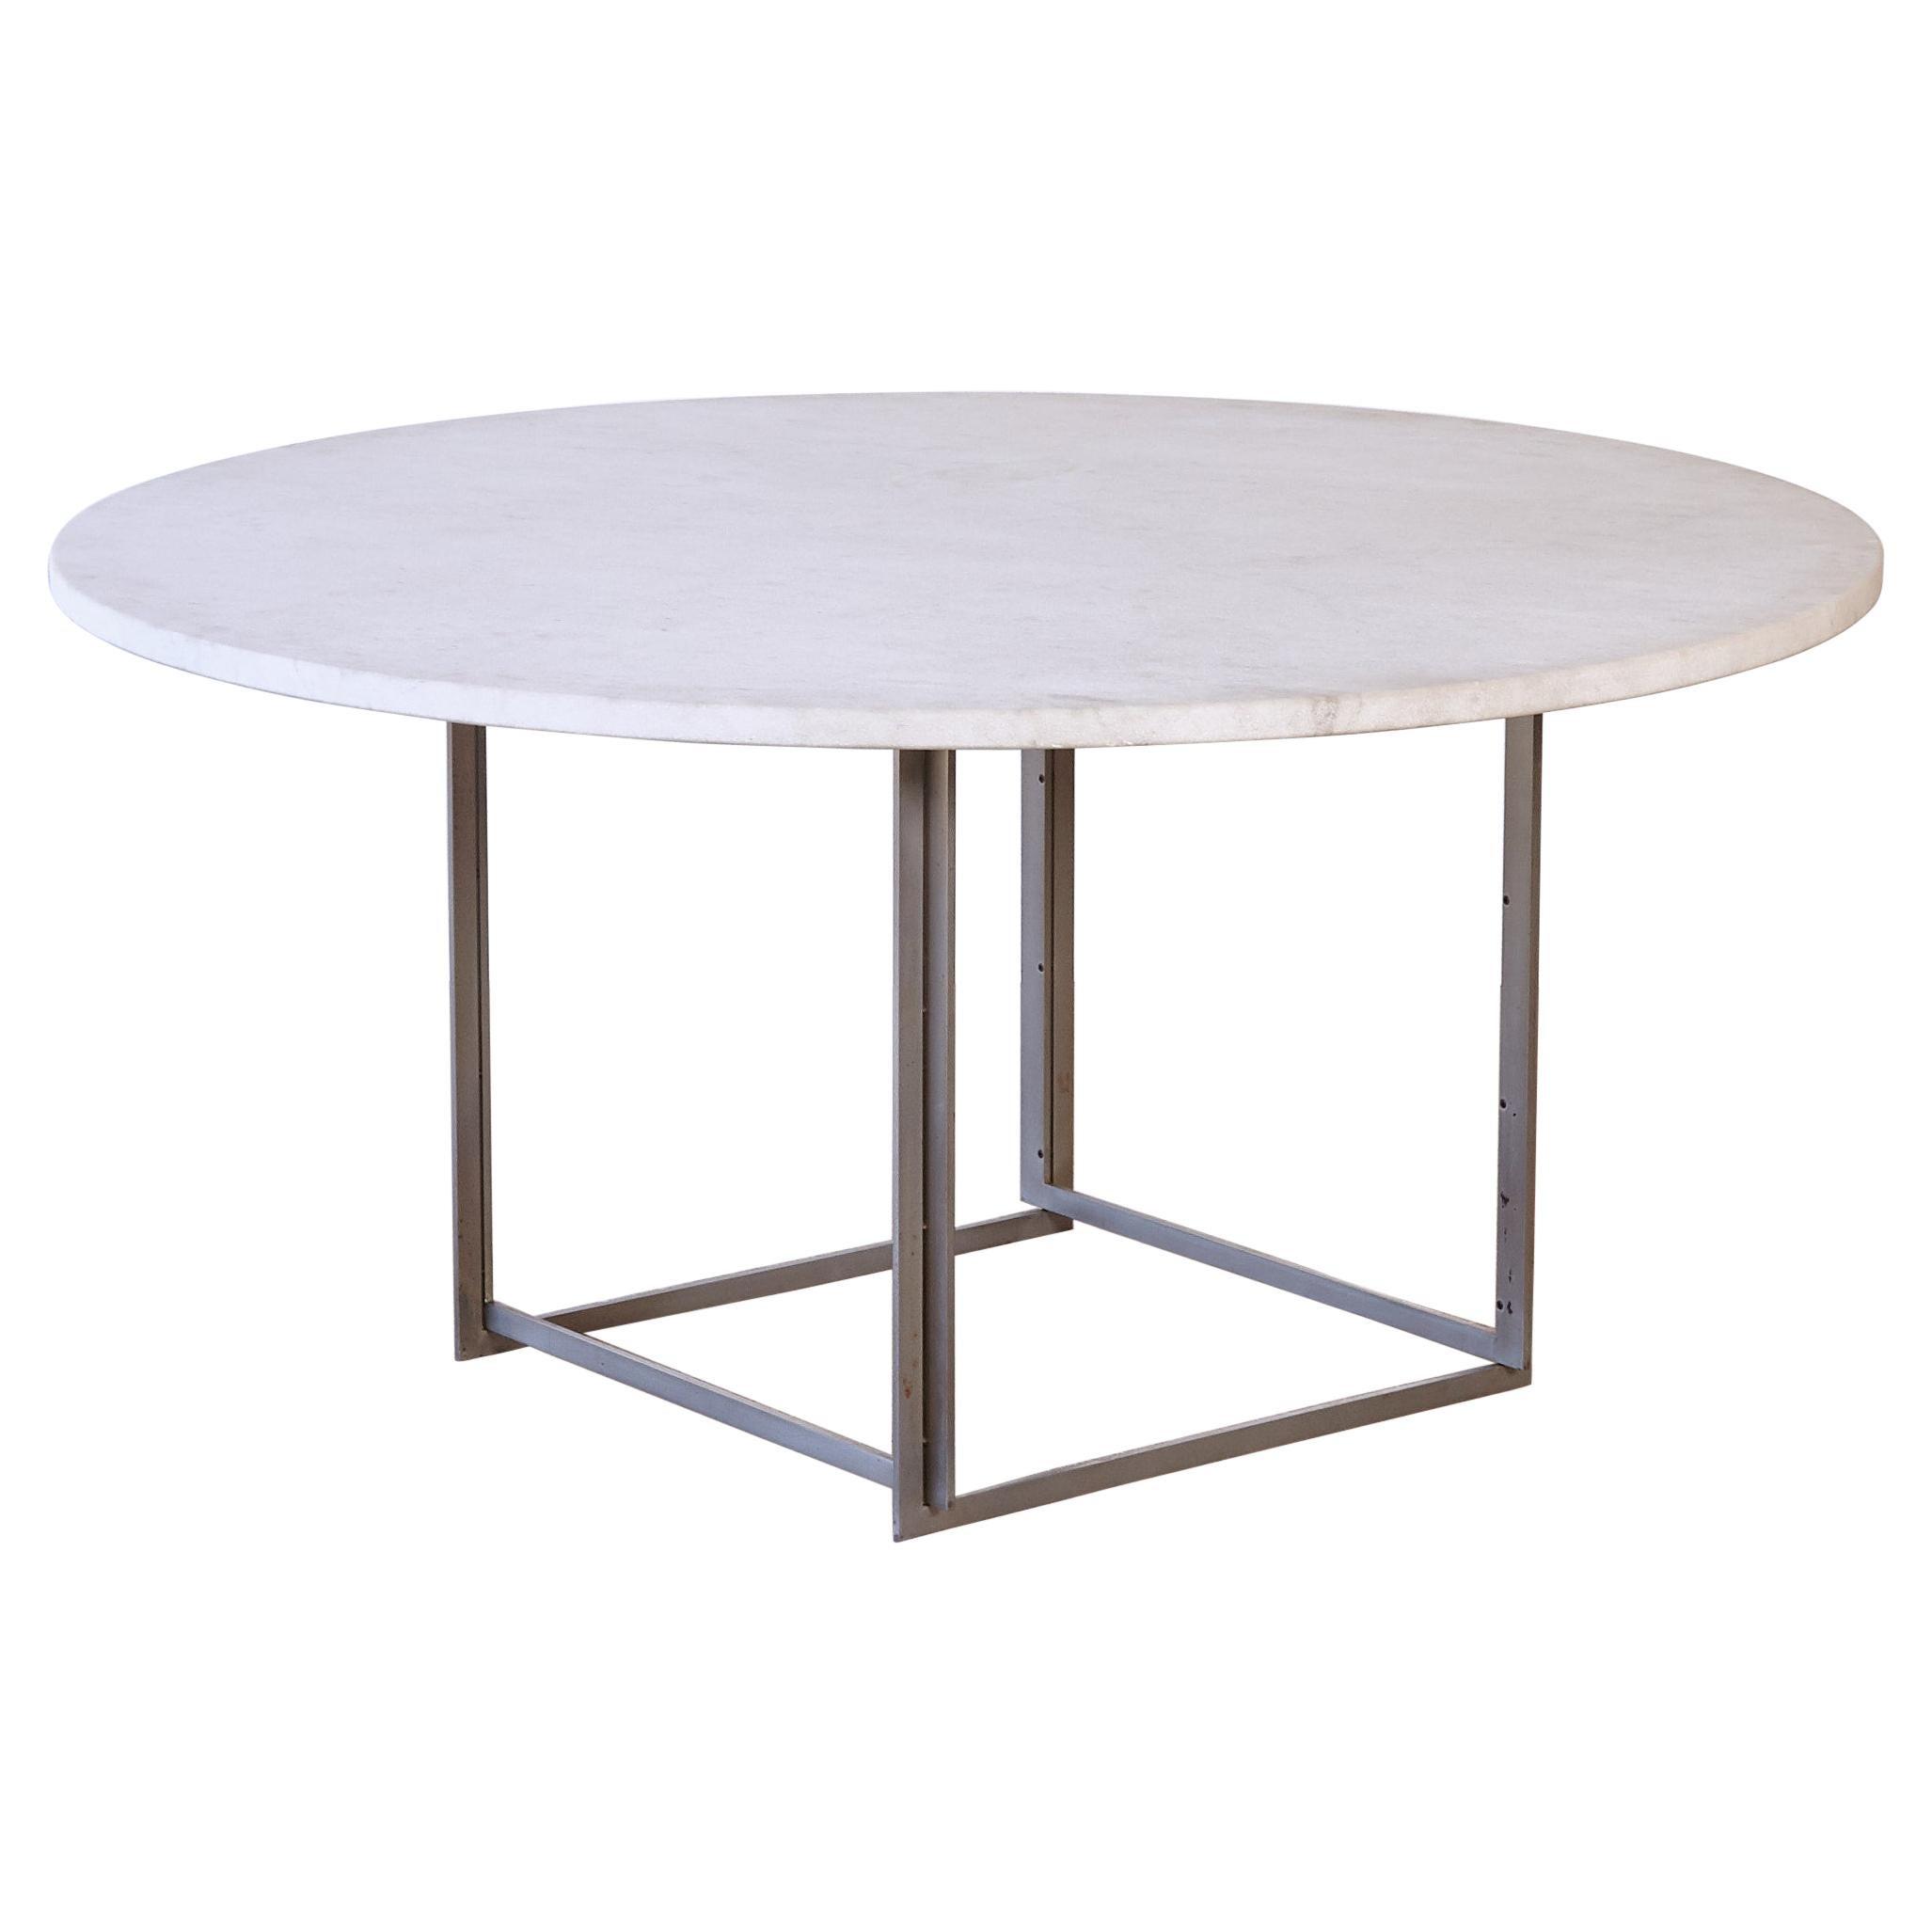 Round Poul Kjaerholm PK-54 Dining Table by E. Kold Christensen, Denmark, 1960s